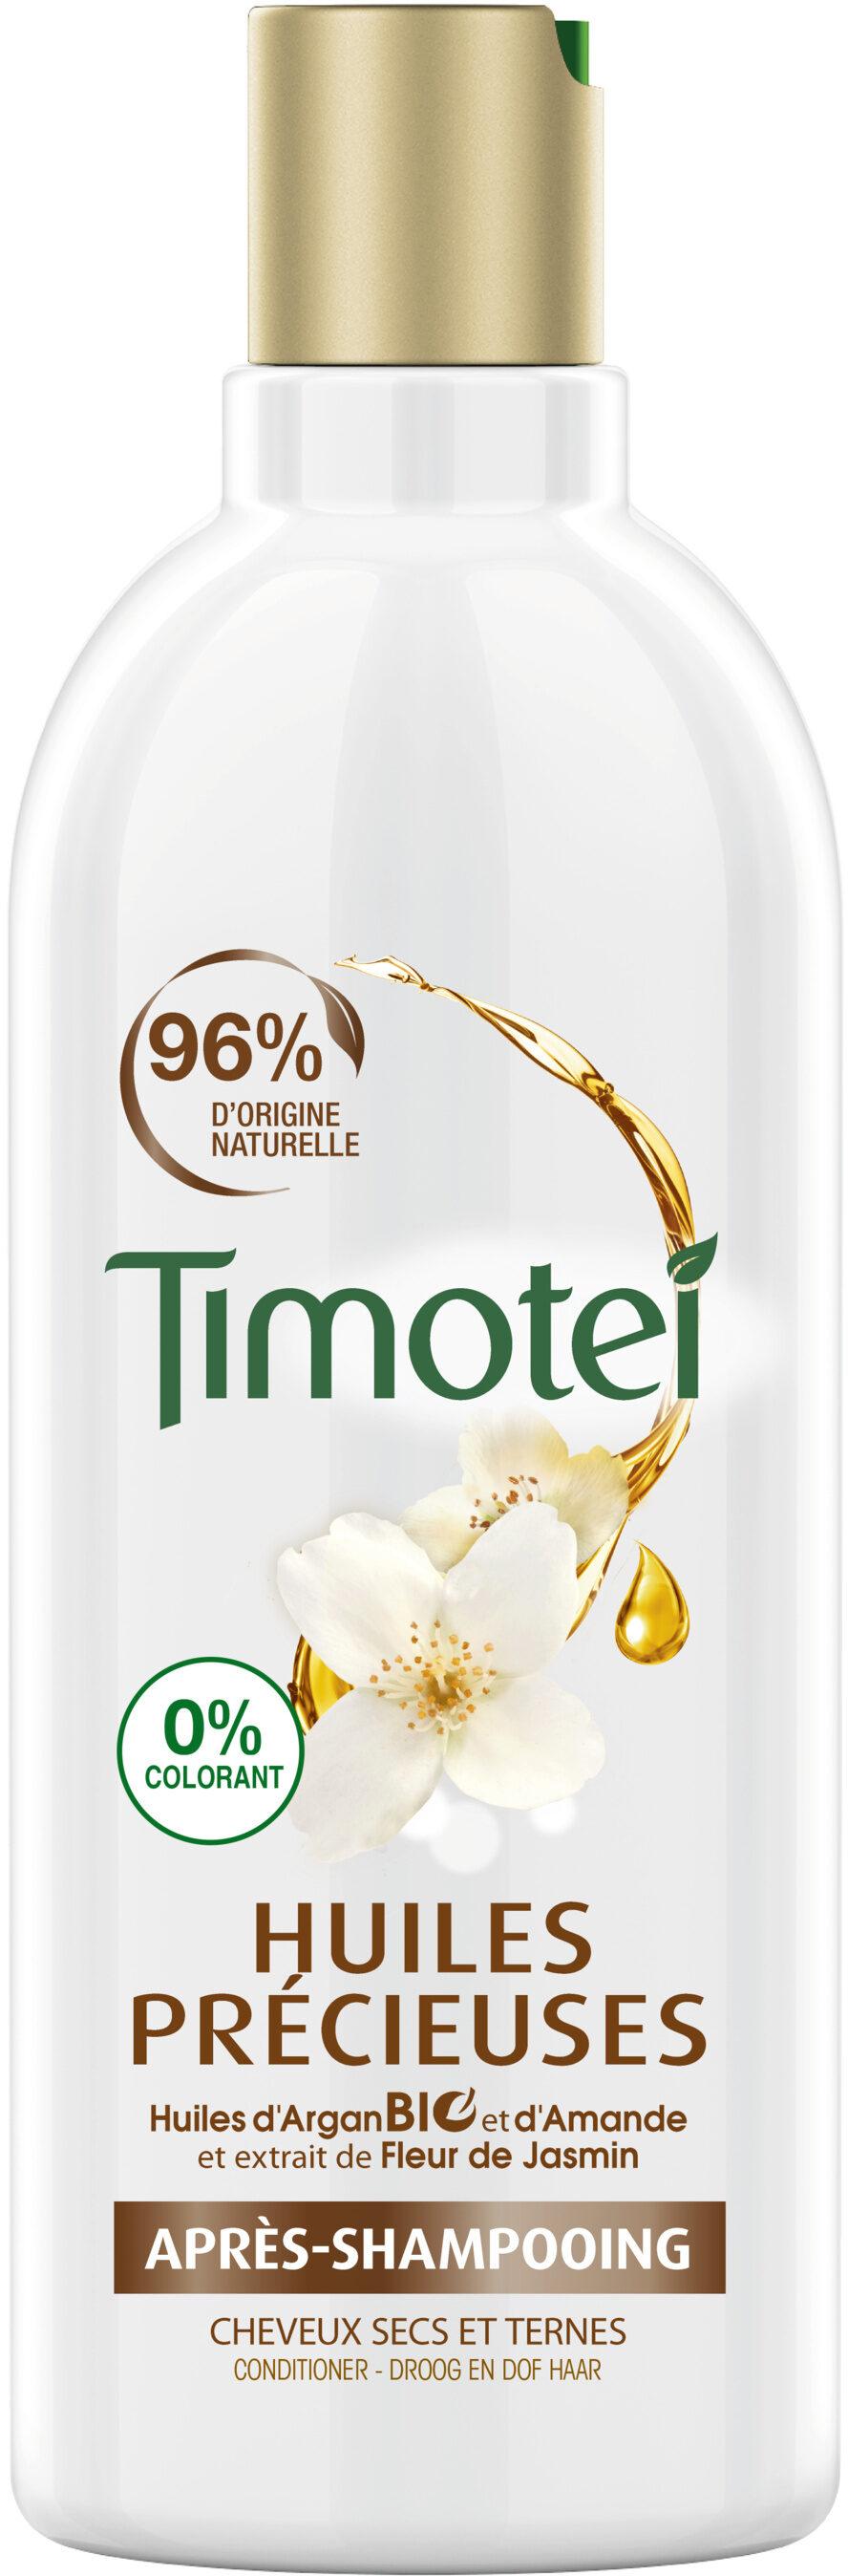 Timotei Après-Shampooing aux Huiles d'Argan Bio - Product - fr